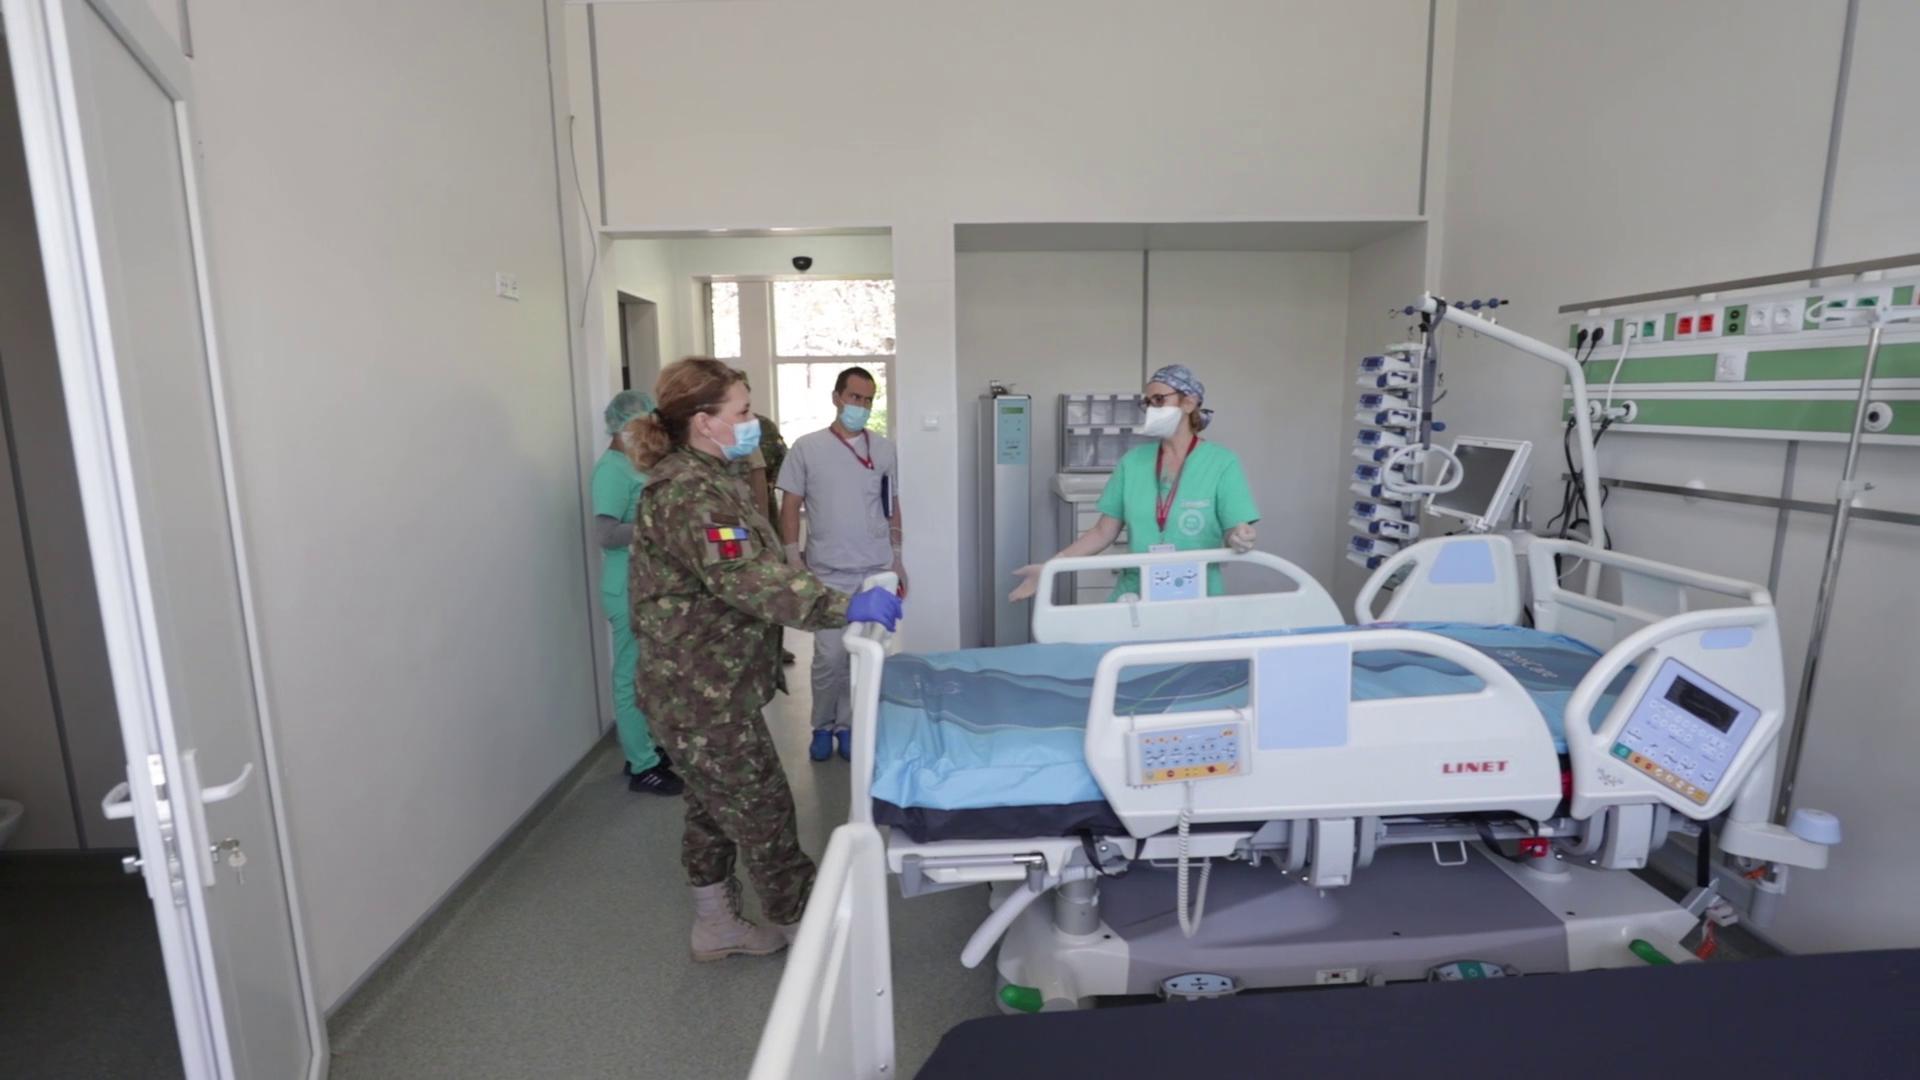 Se reiau internările la Spitalul Militar ROL 2 din București. Anunțul făcut de MApN